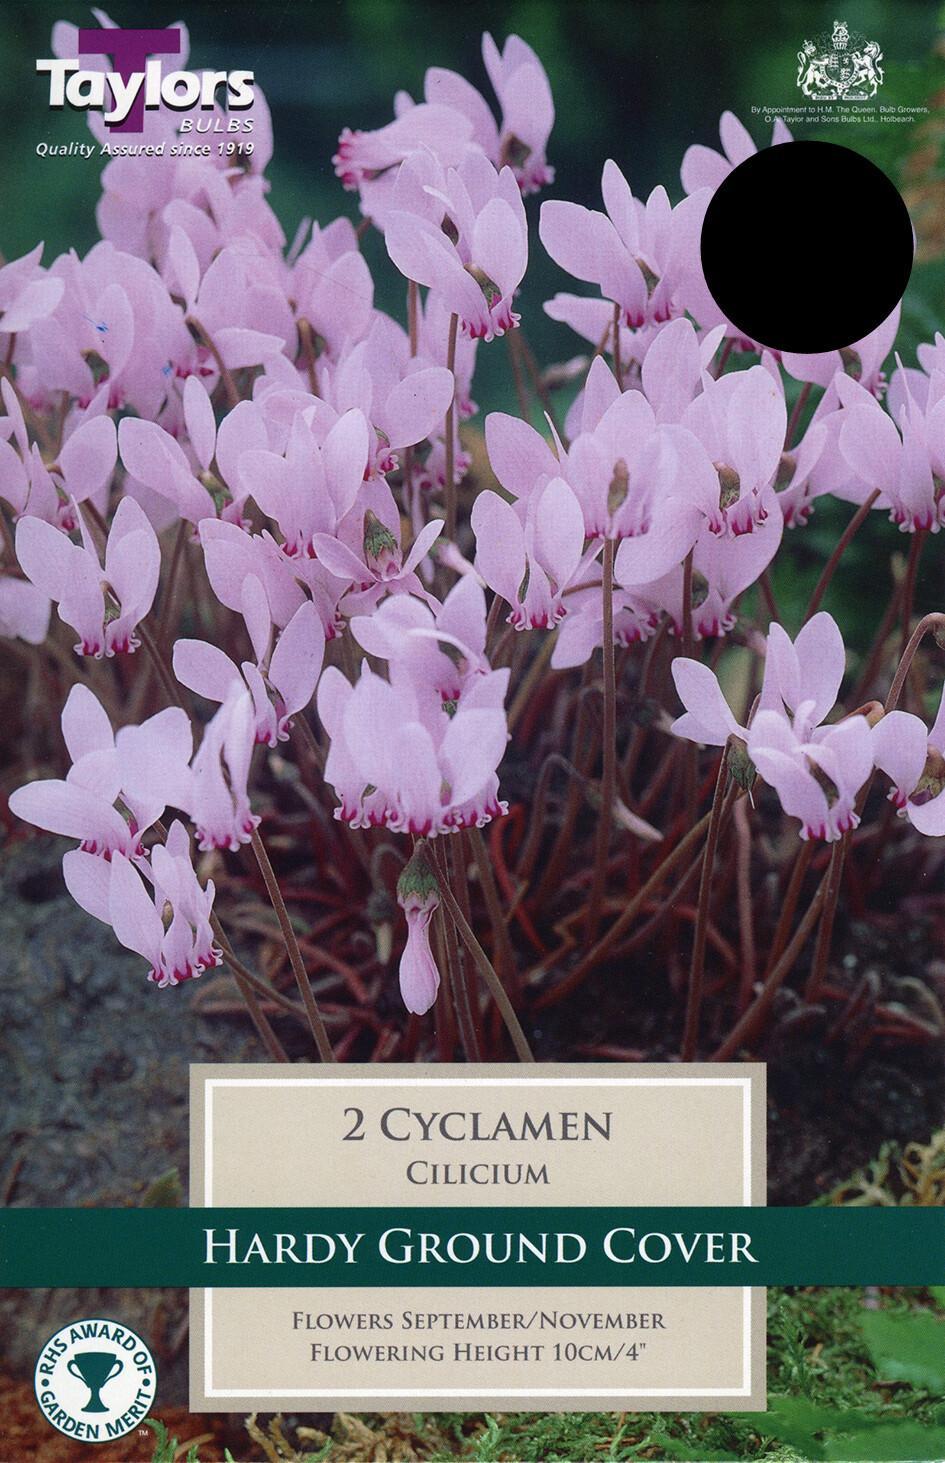 Cyclamen Cilicium x2